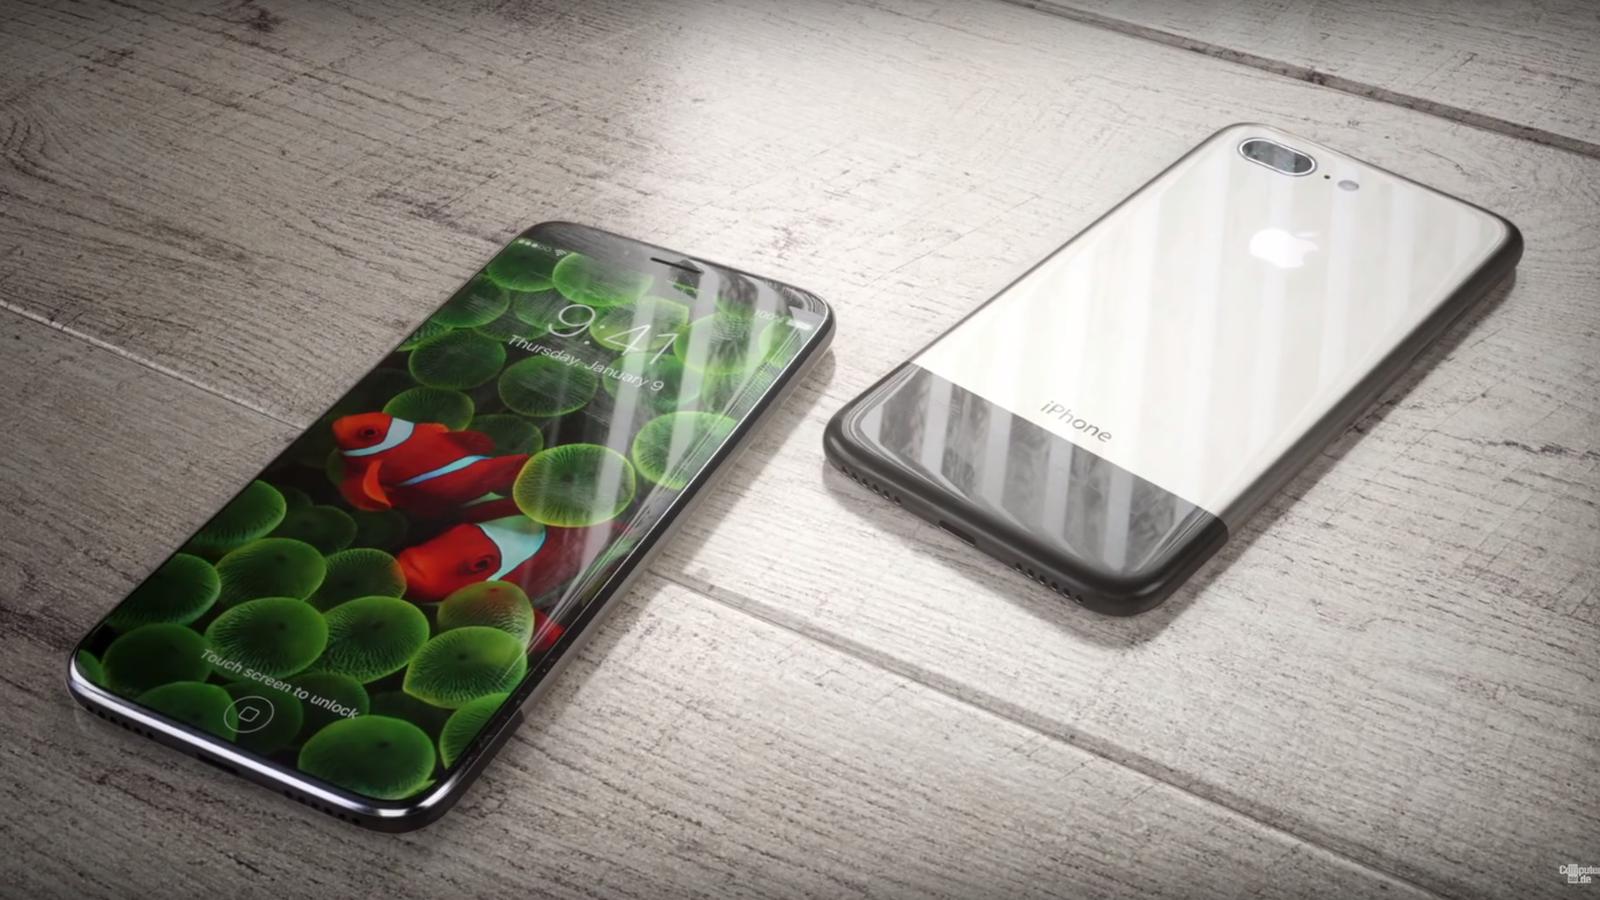 آبل تسعى لبيع 200 مليون هاتف من آيفون 8 iPhone